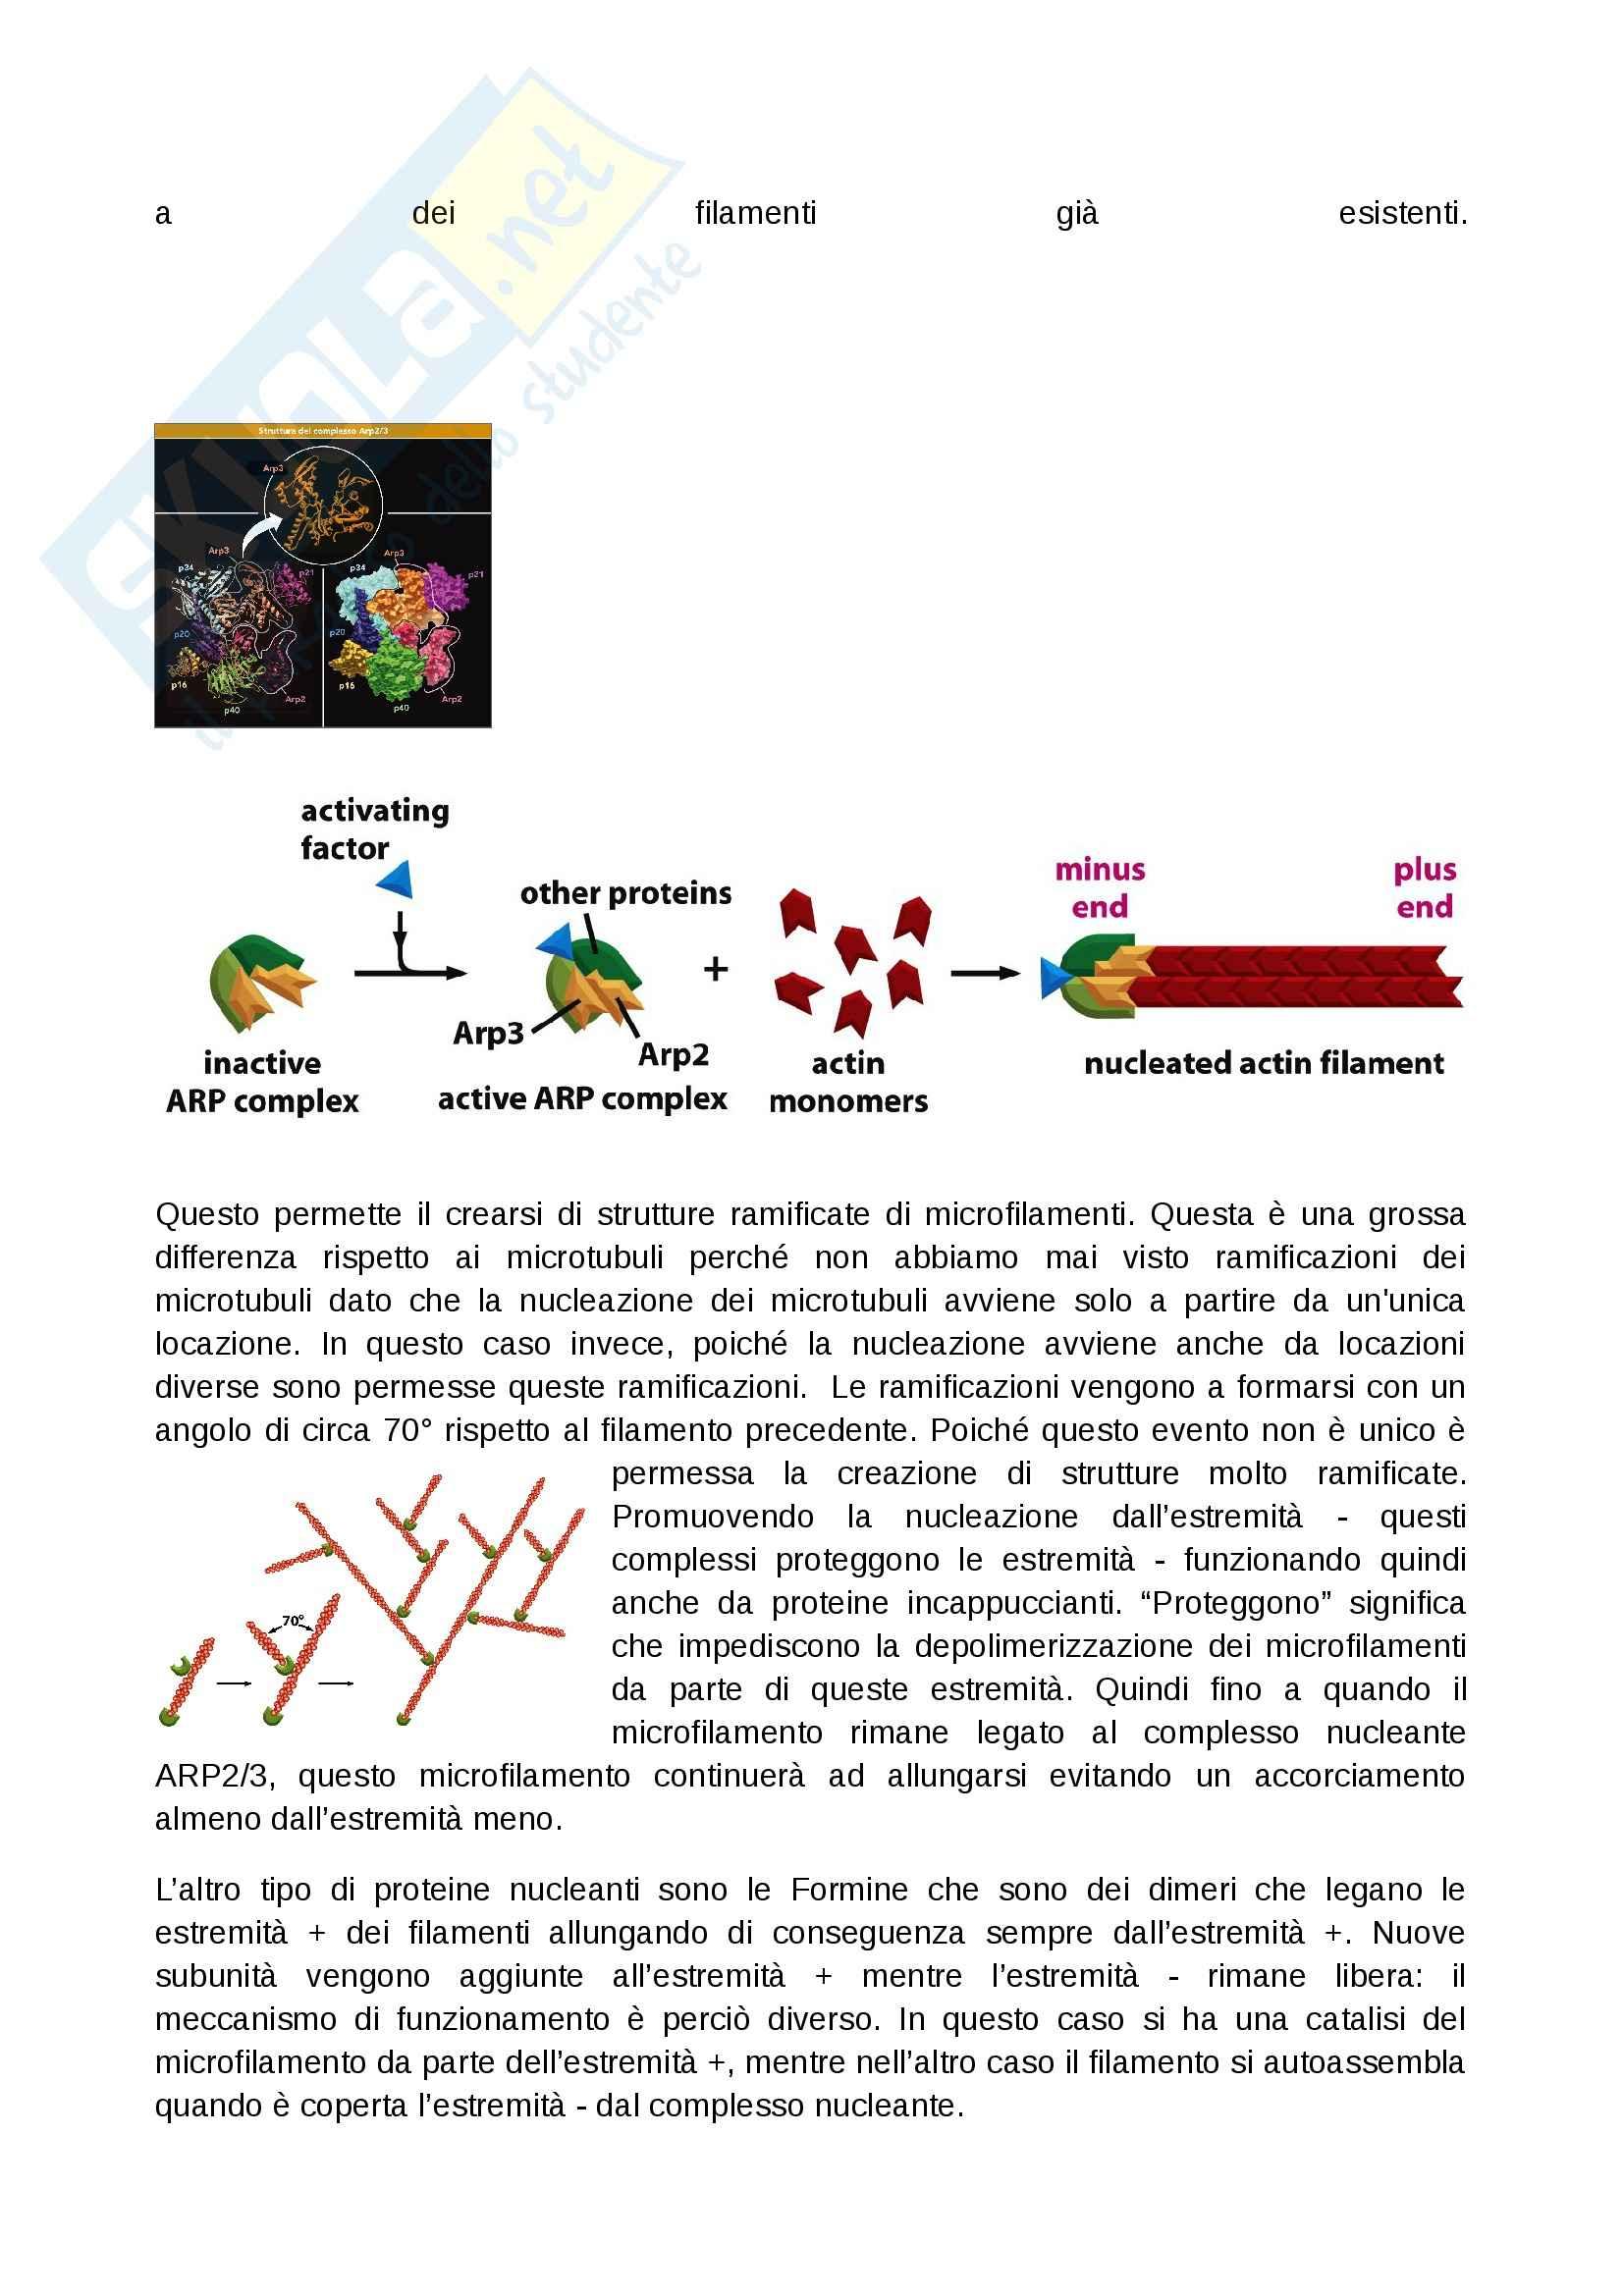 Citologia - microfilamenti e i filamenti intermedi Pag. 6